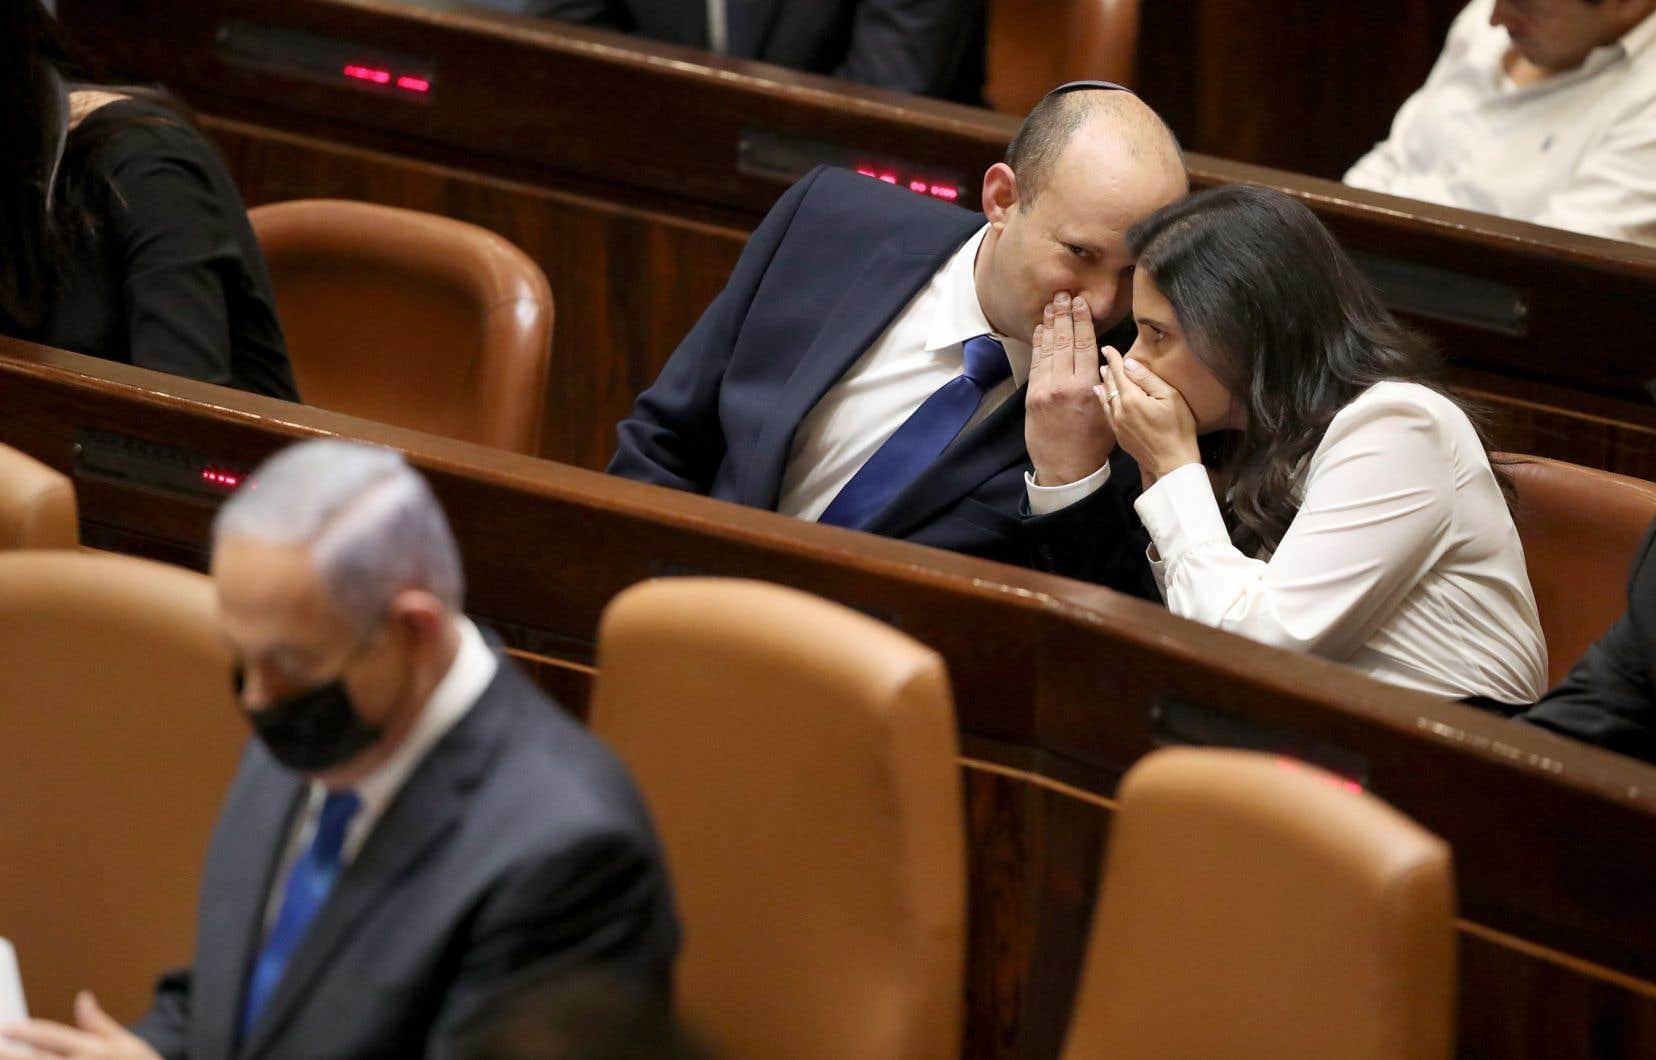 Lors de son dernier discours de premier ministre devant la Knesset, Benjamin Nétanyahou (au premier plan), qui a dirigé le pays durant 12 ans, avait assuré qu'il reviendrait «bientôt» au pouvoir, récupéré à présent par son ancien allié, Naftali Bennett (au second plan).